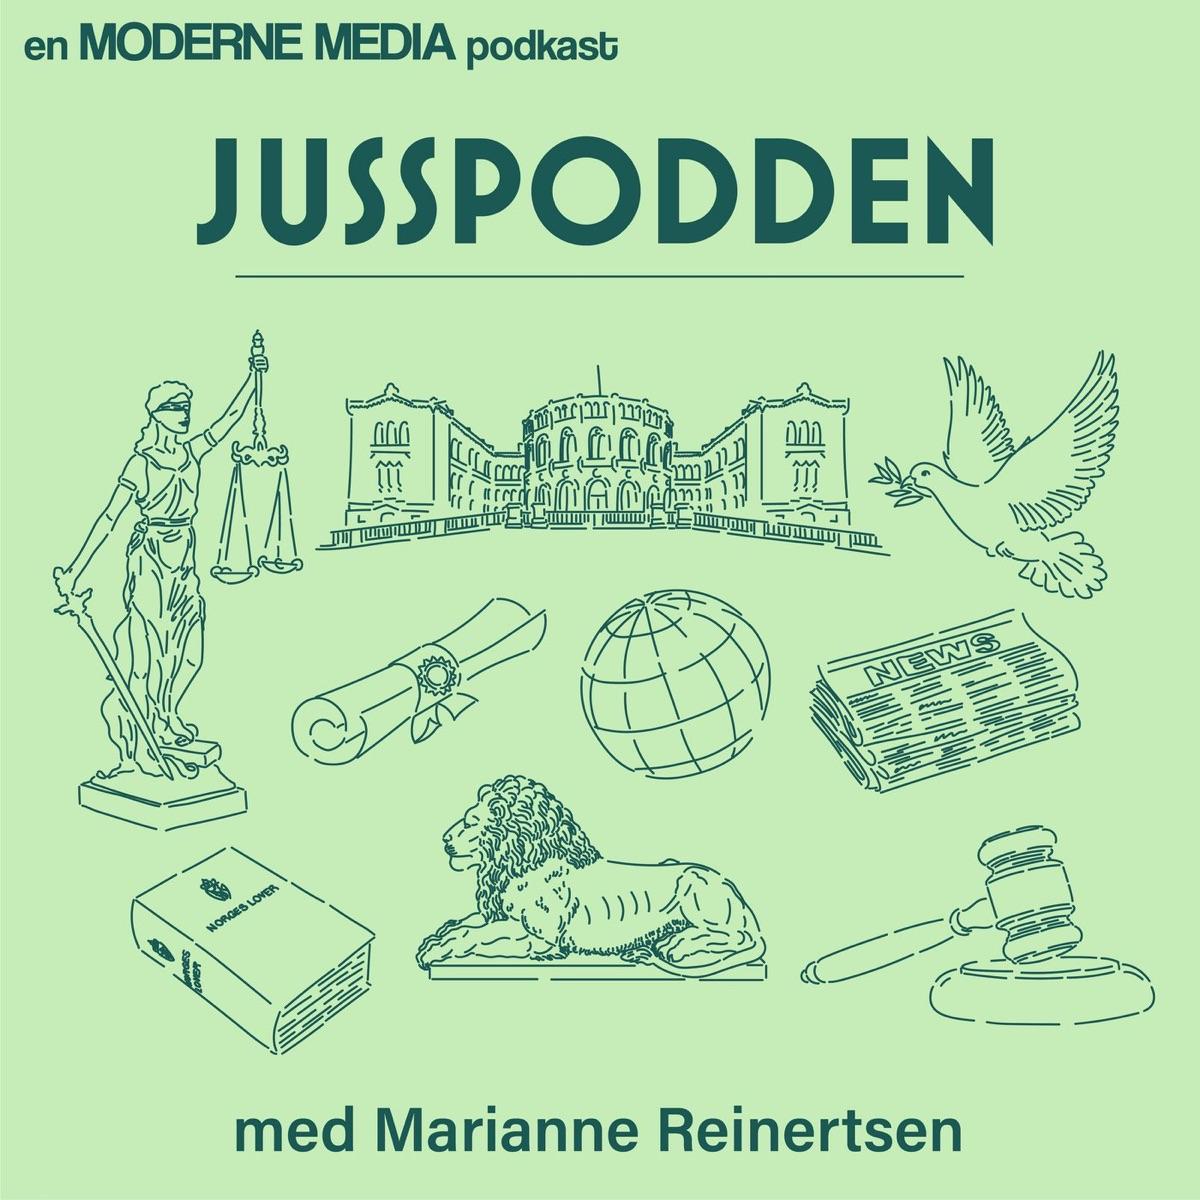 Jusspodden